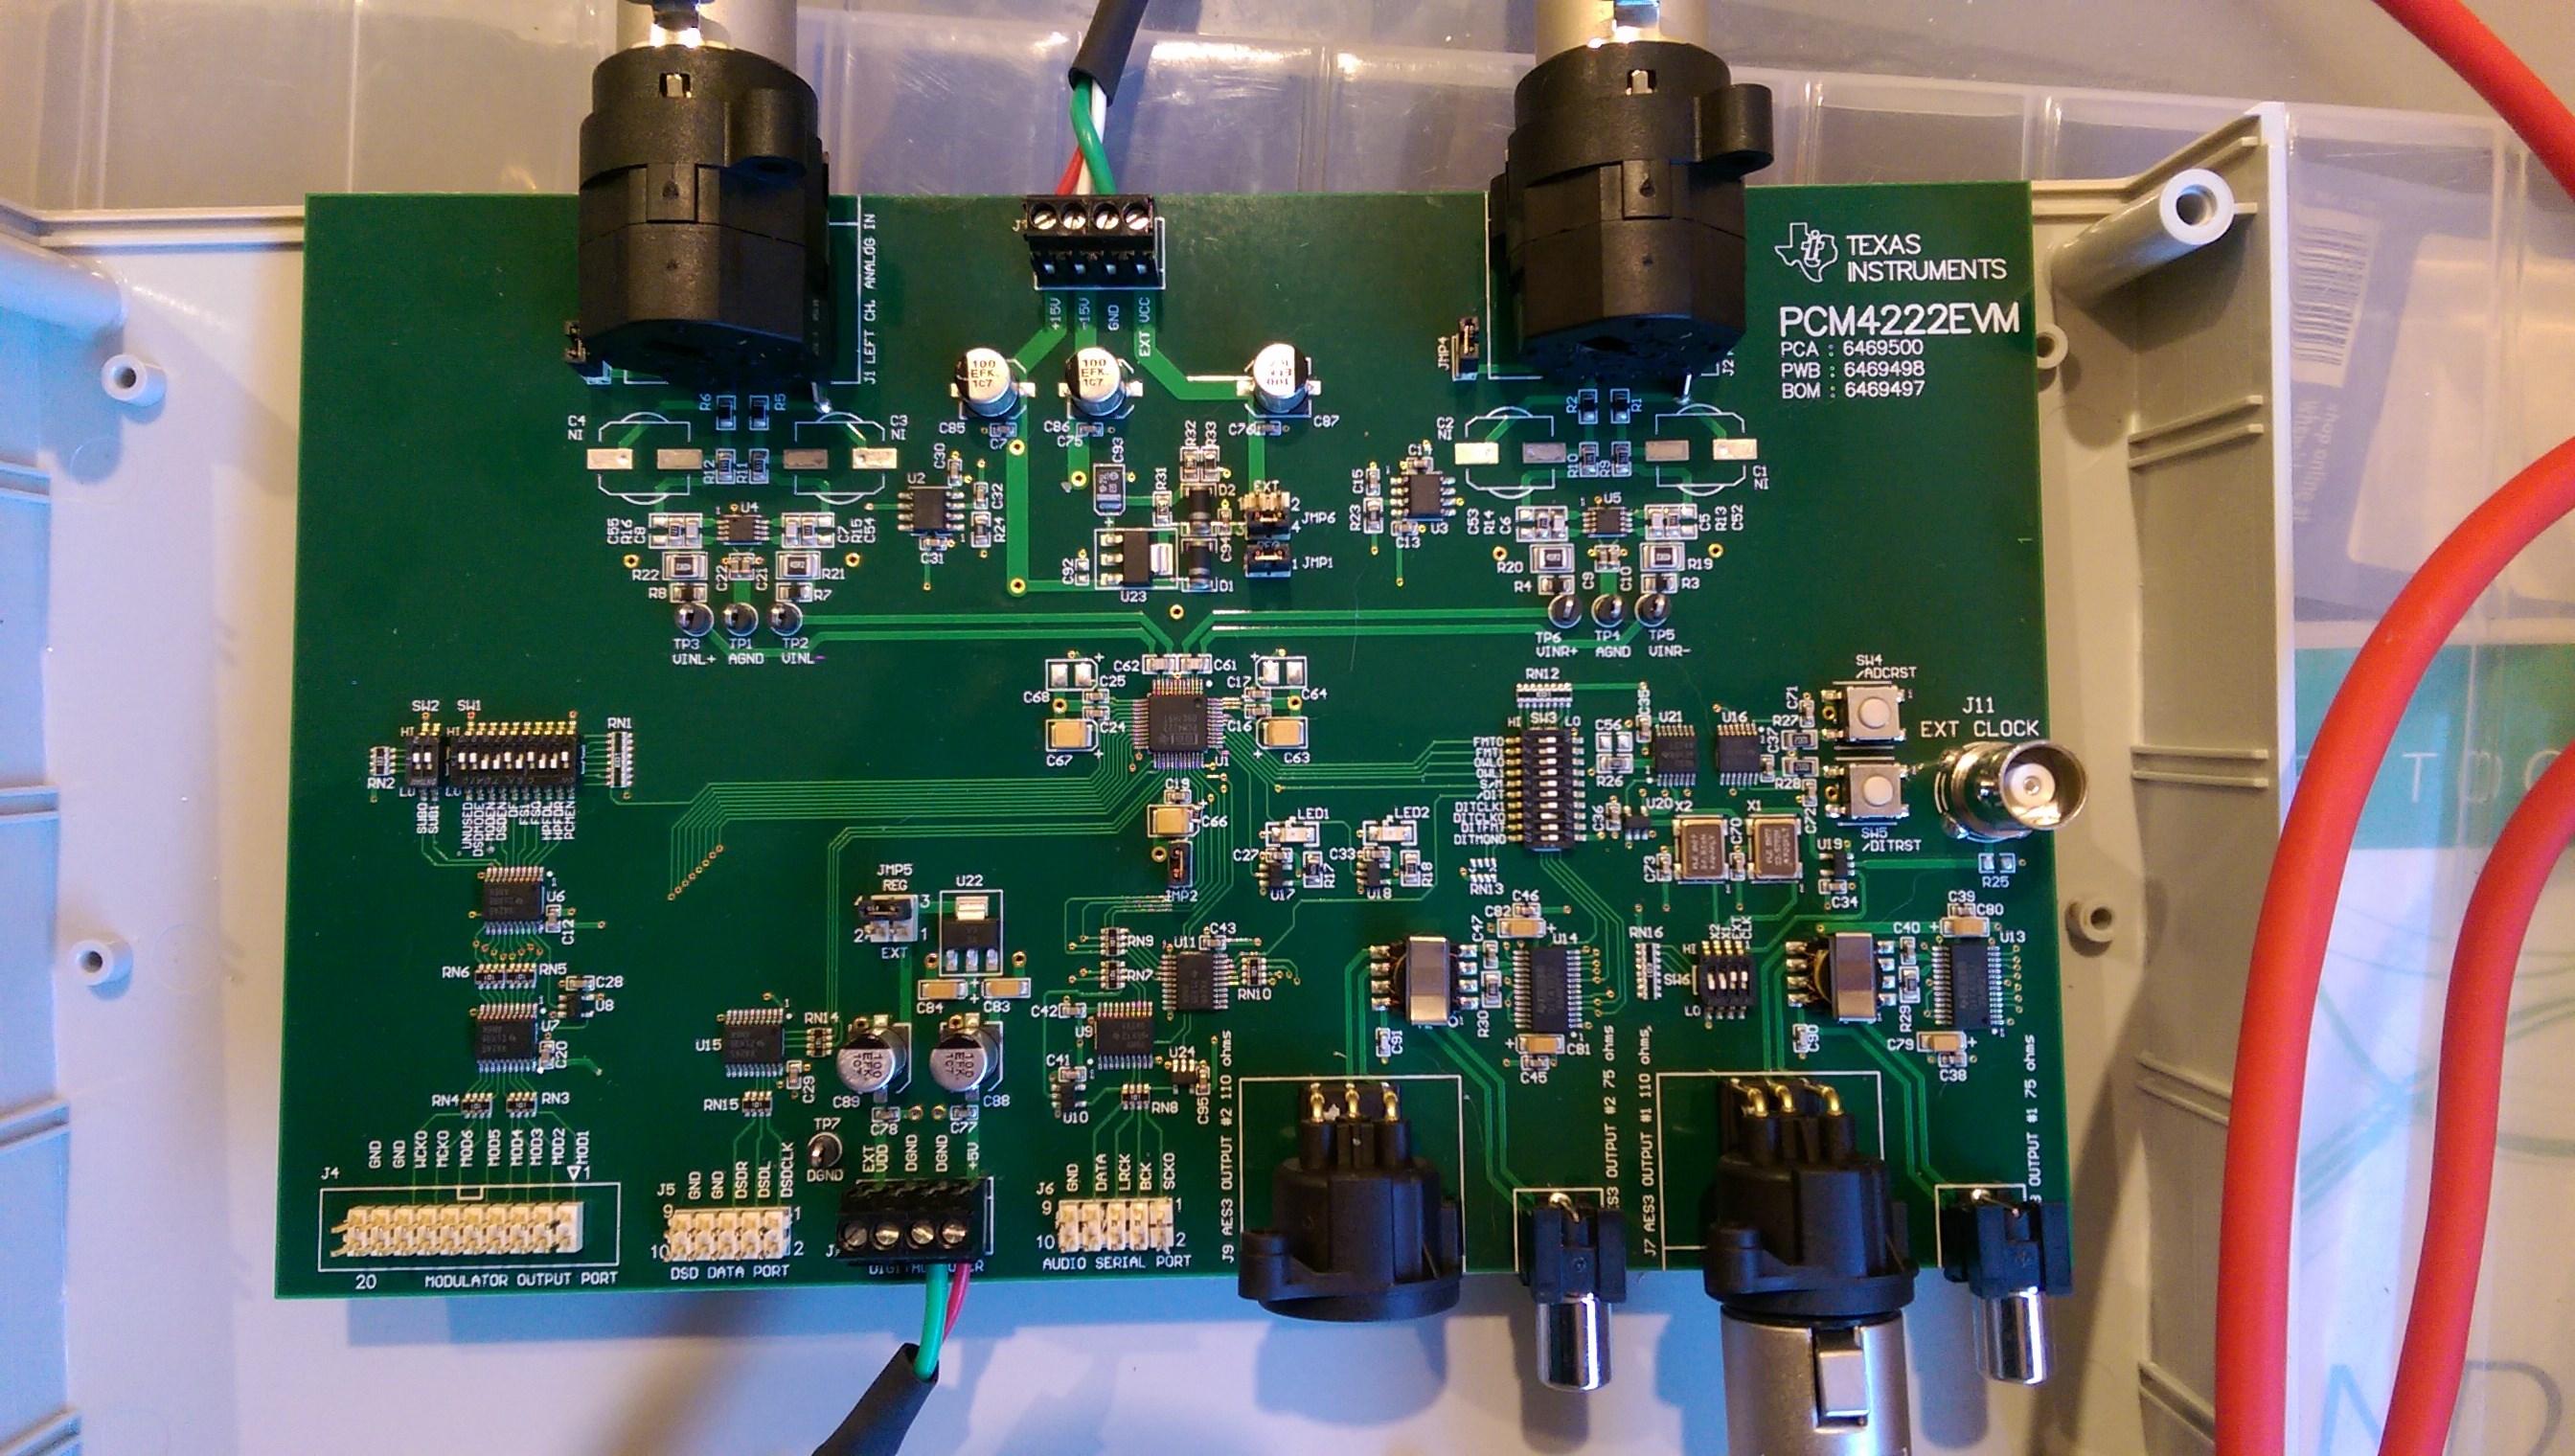 PCM4222evm small.jpg